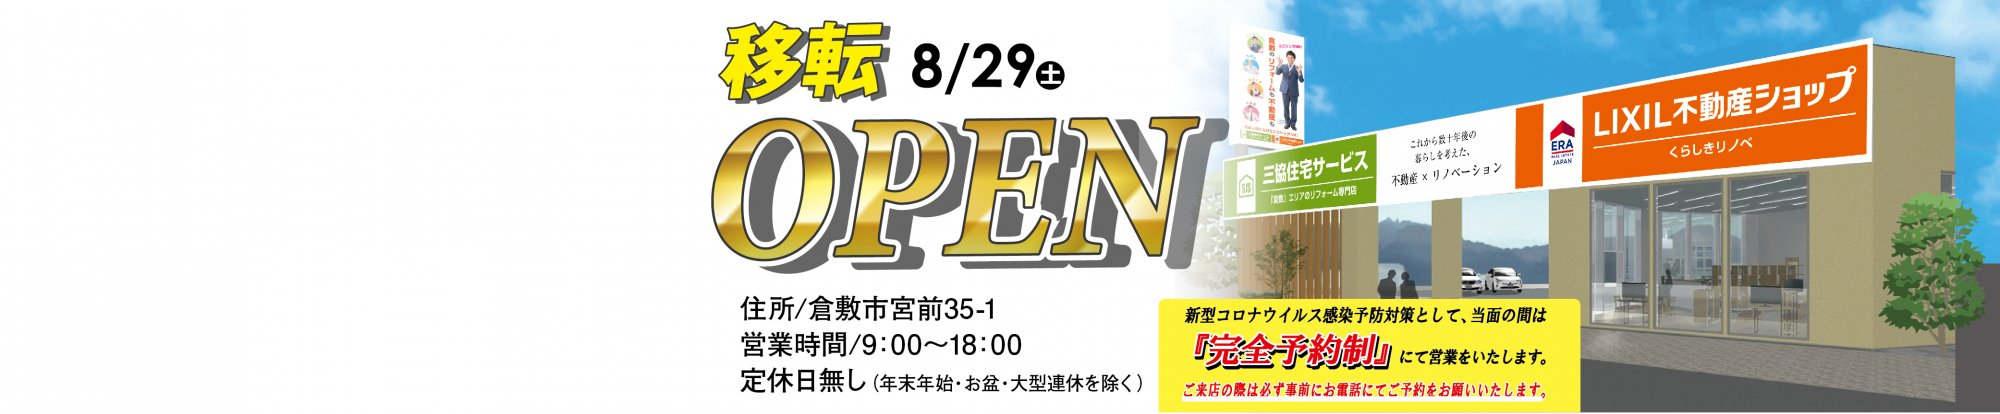 移転 8/29土 OPEN